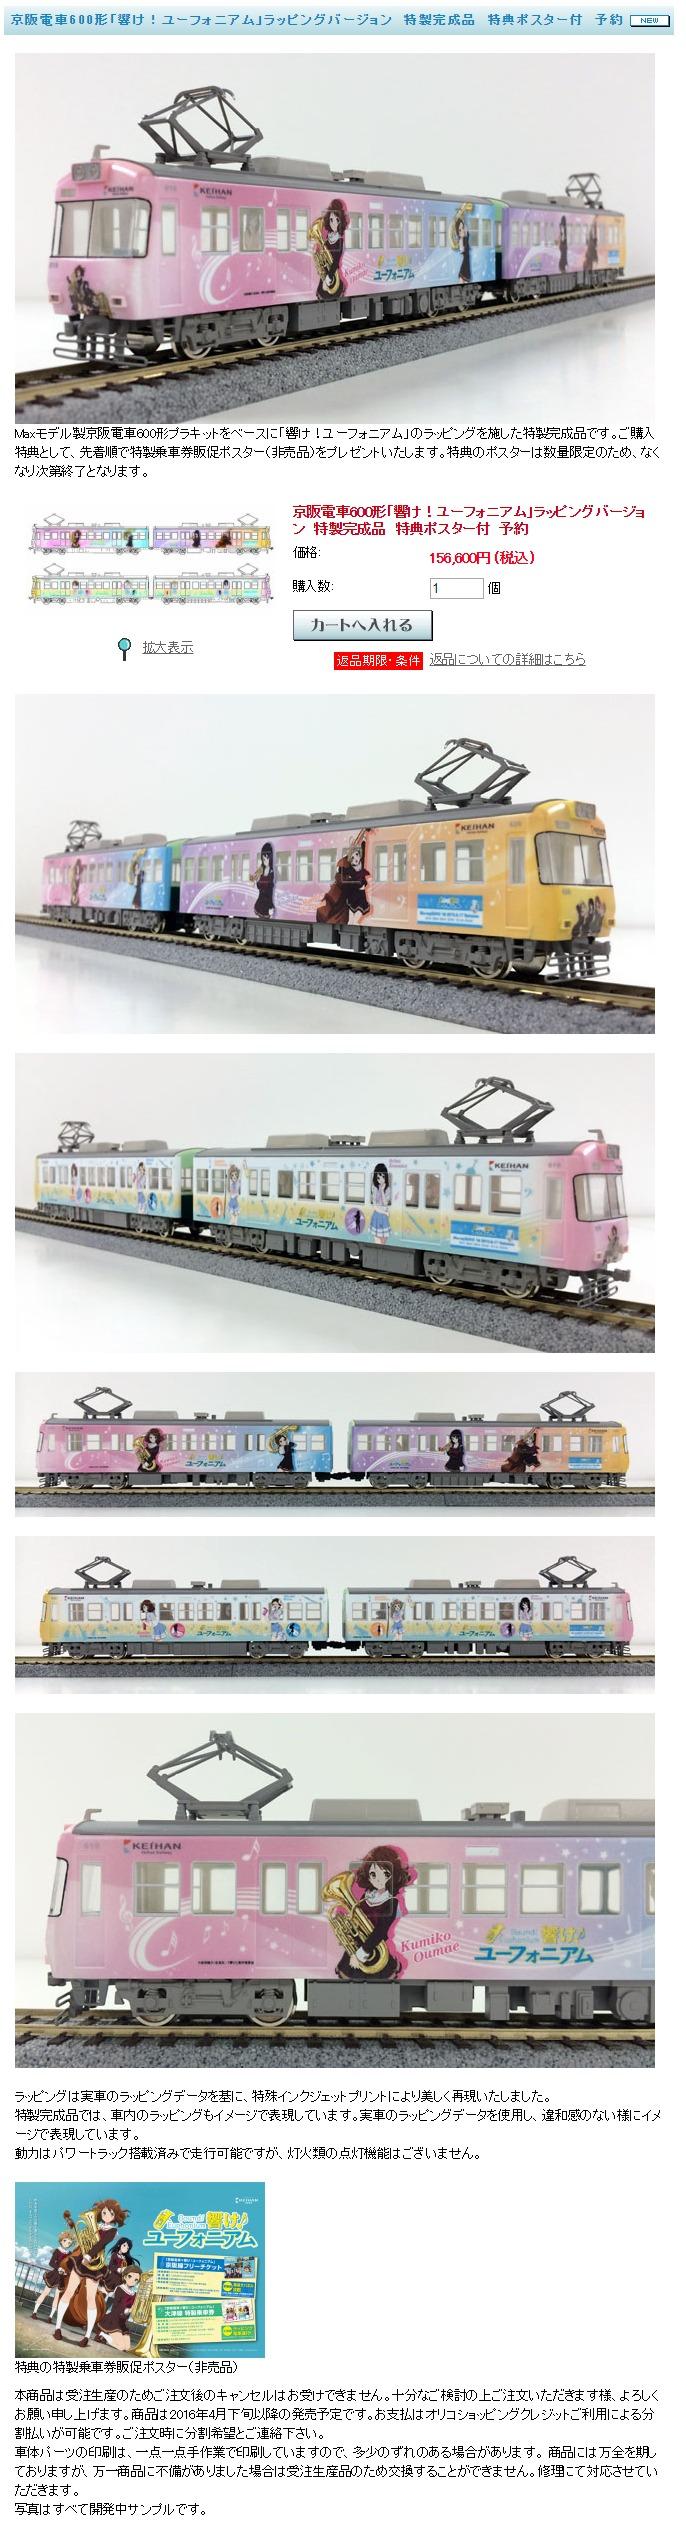 京阪電車600形「響け!ユーフォニアム」ラッピングバージョン